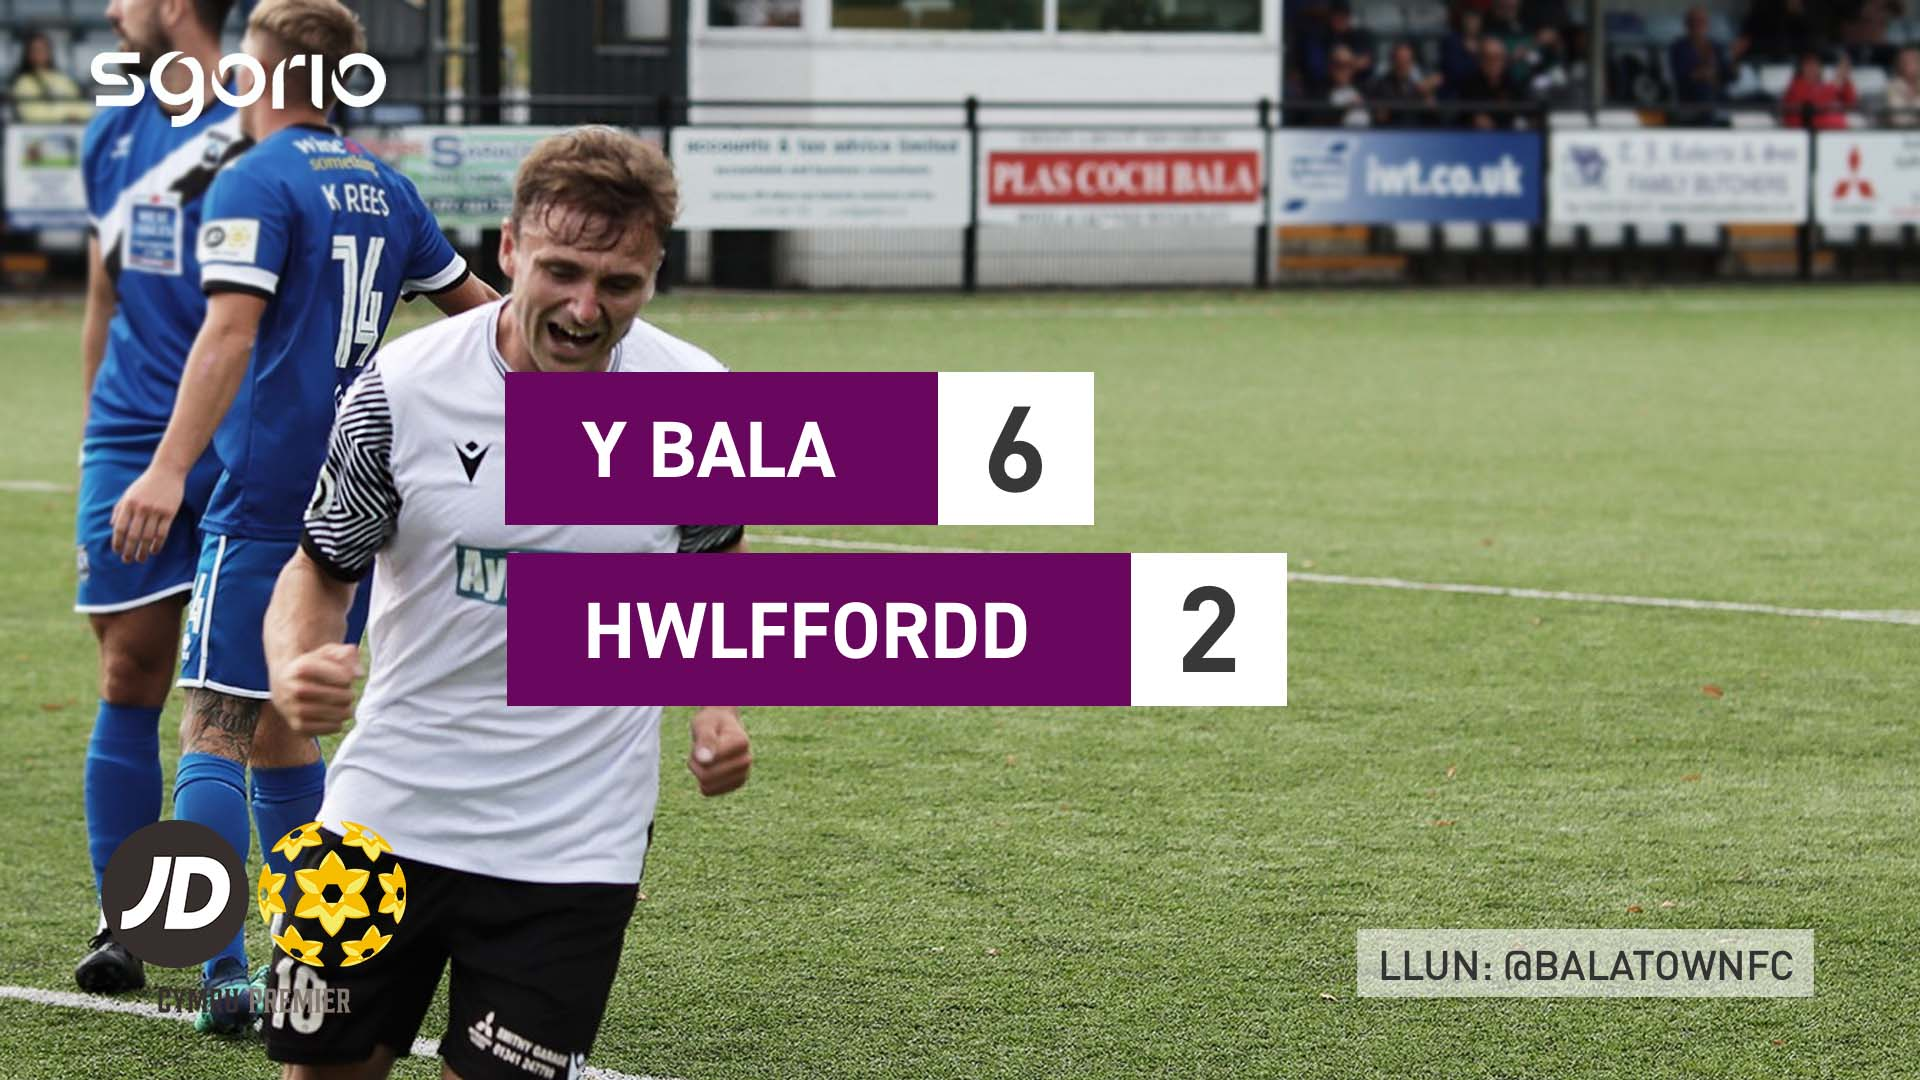 Y Bala 6-2 Hwlffordd